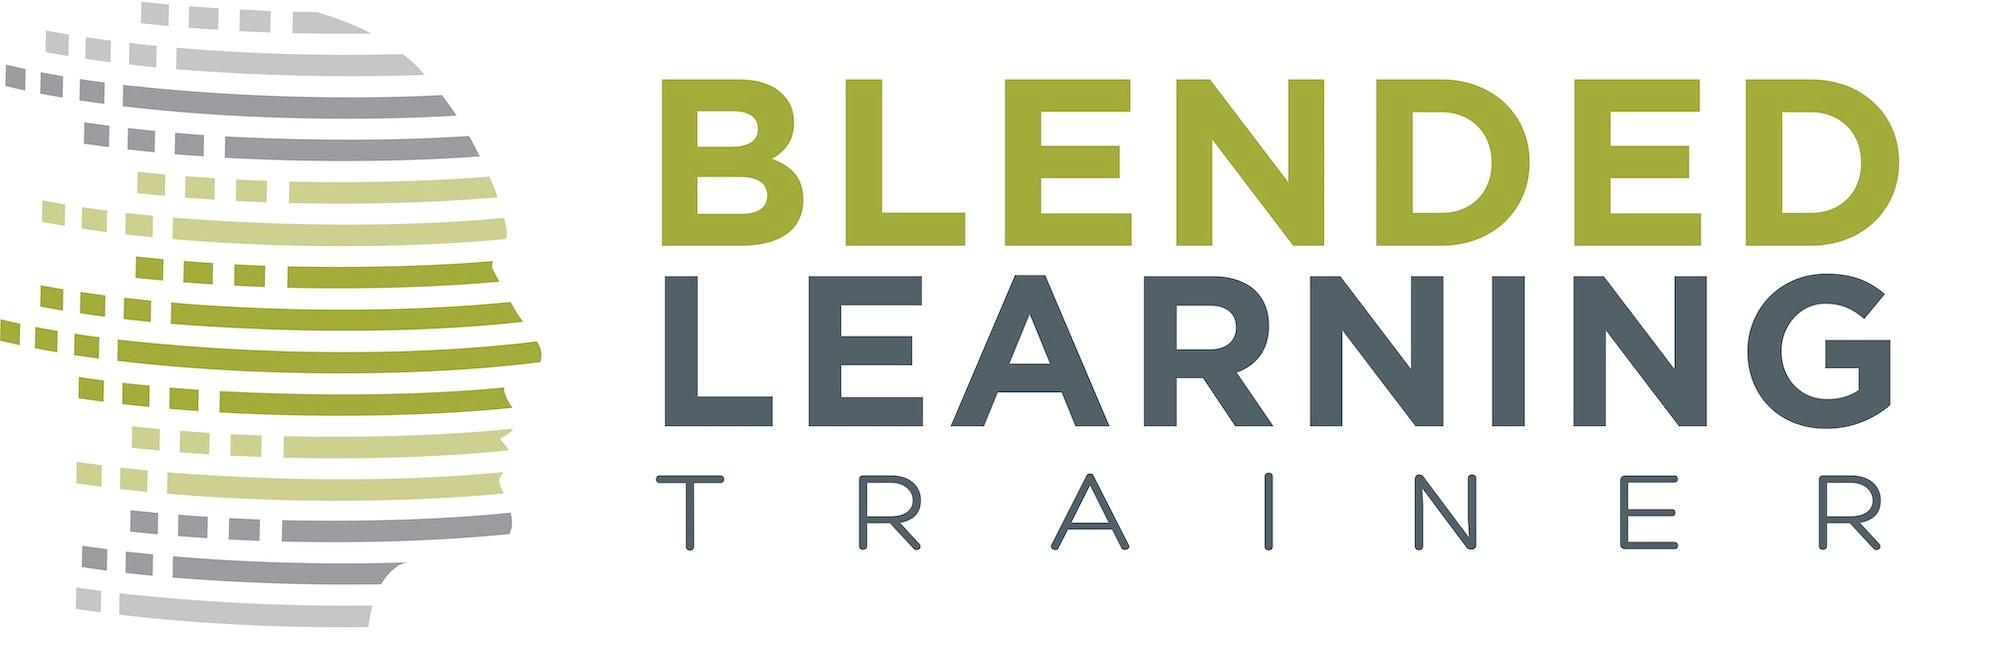 Blended Learning Trainer Logo